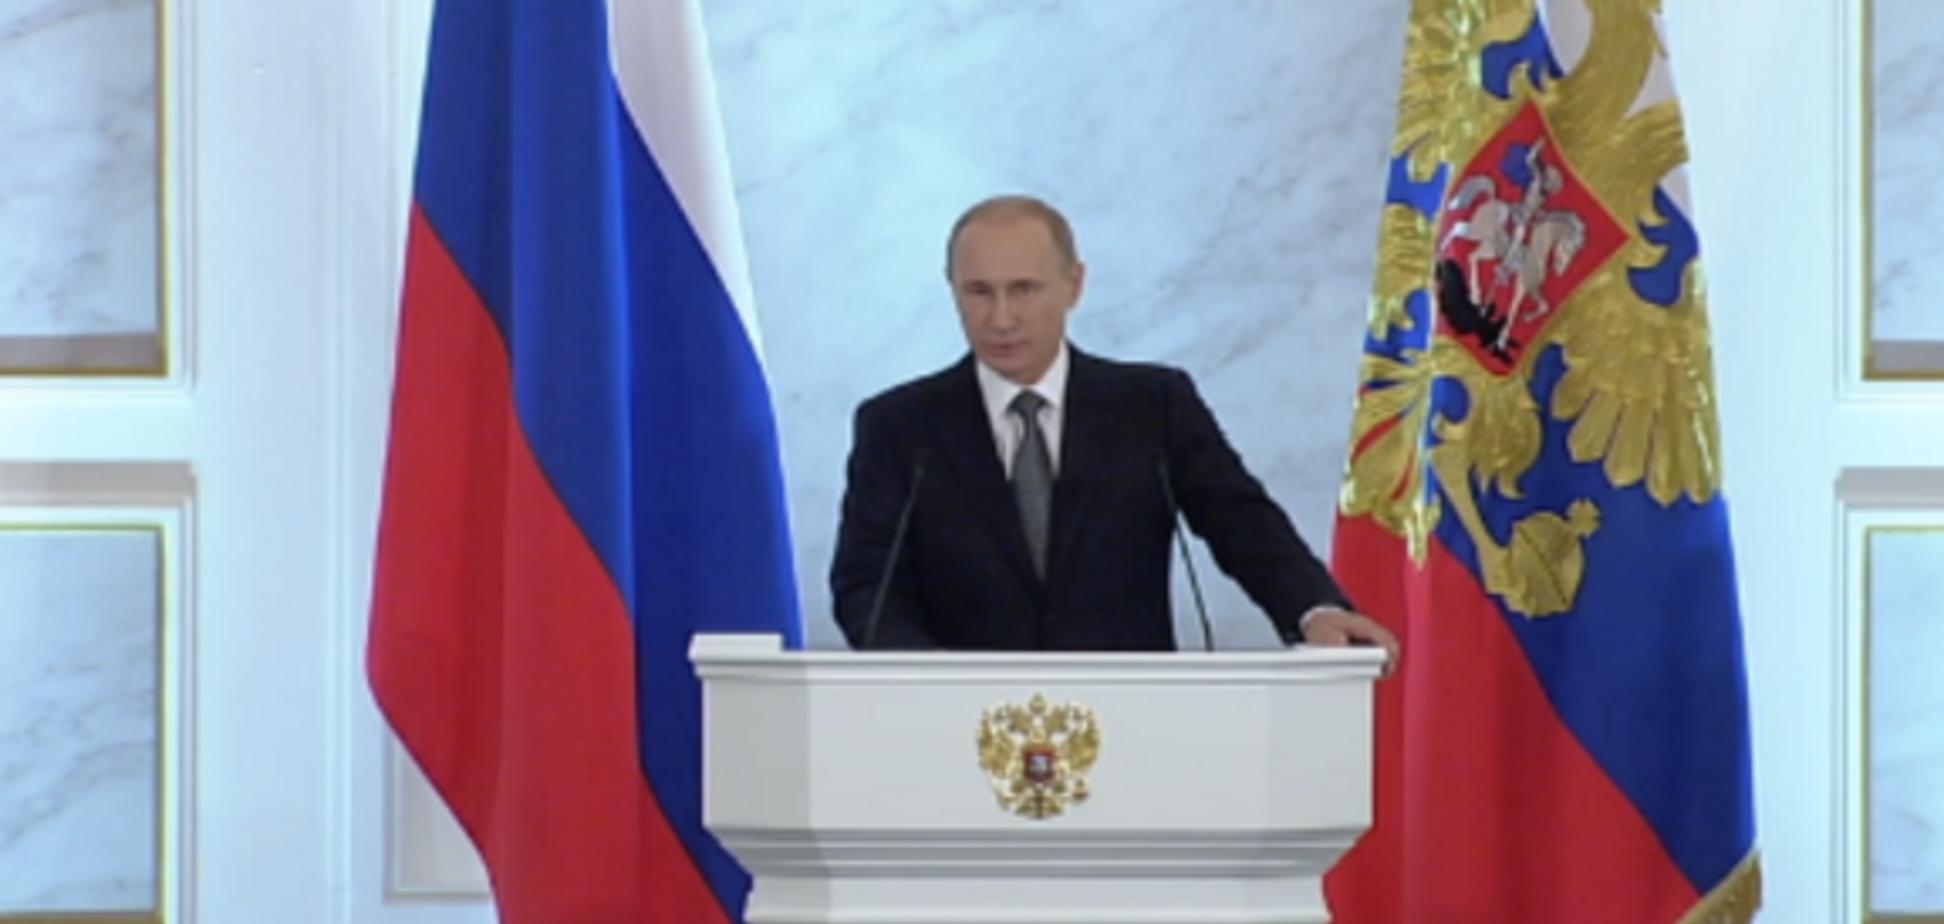 Путин завел старую песню о 'госперевороте в Украине', назвав ее братской страной